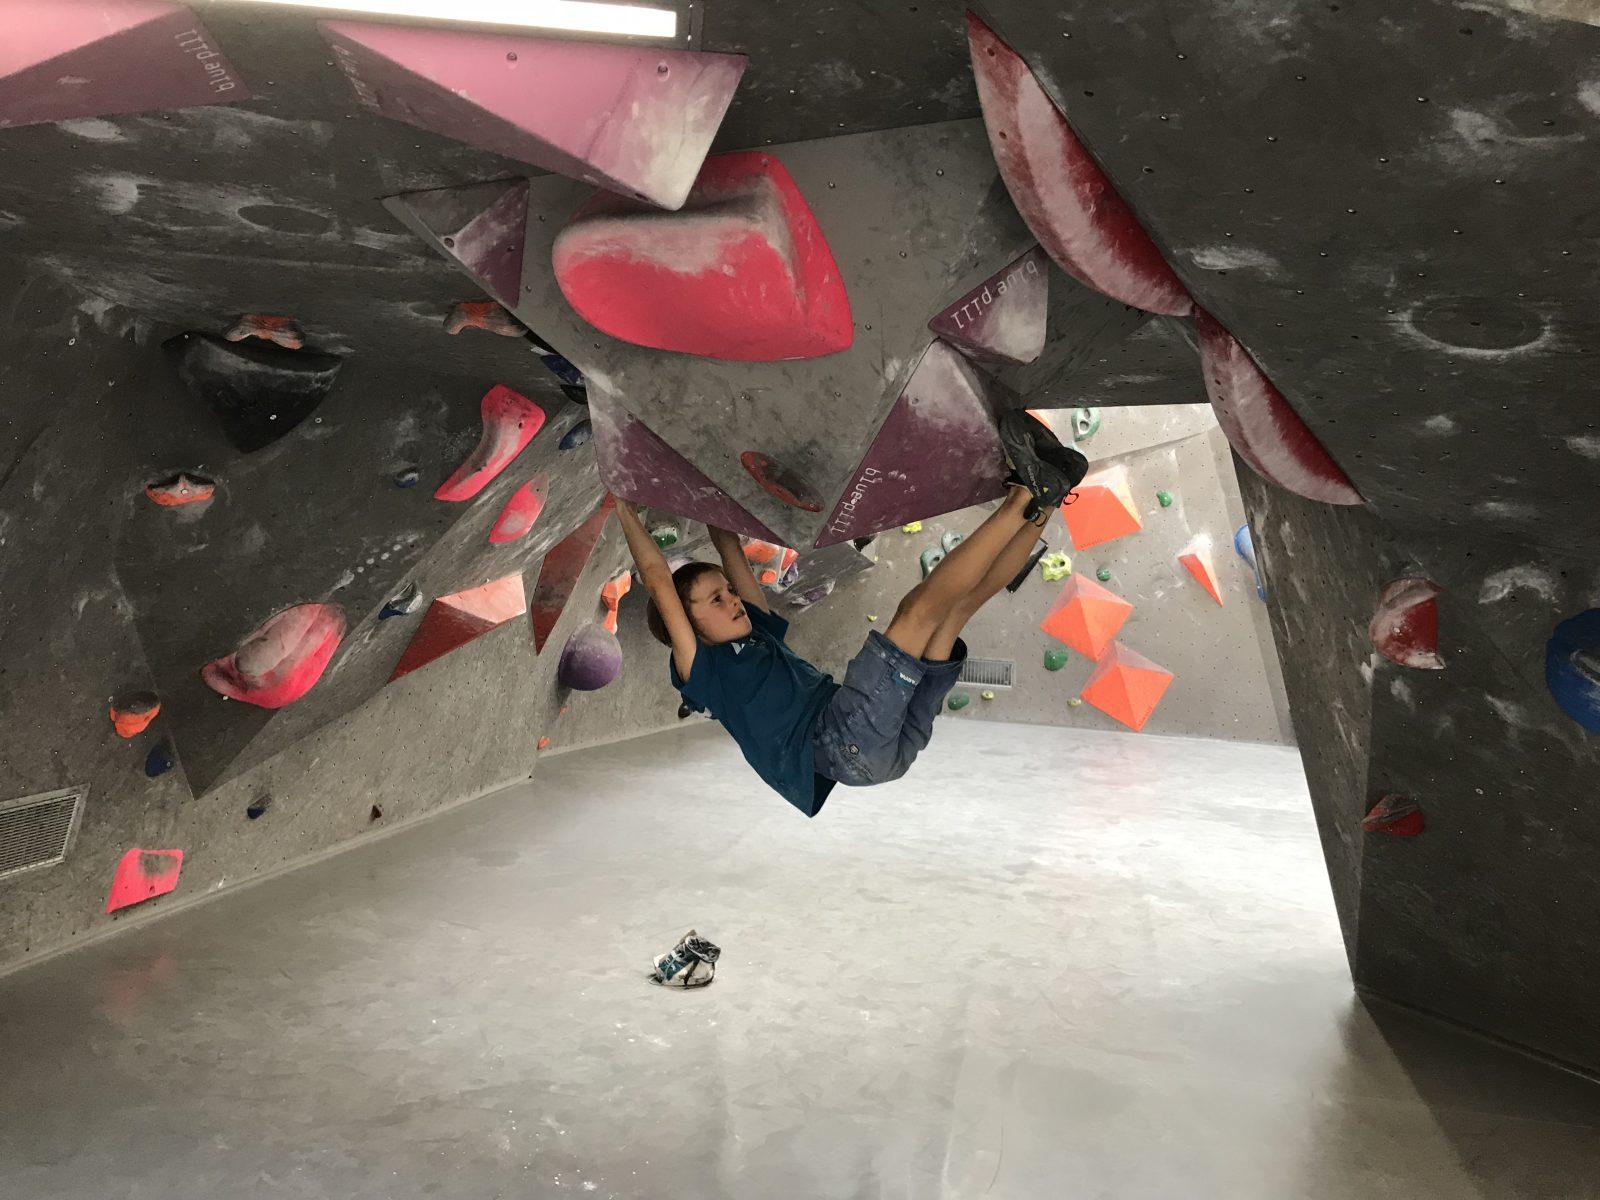 Kinder können auch im Boulderbereich wie die Großen klettern. Foto: Matthias Bader